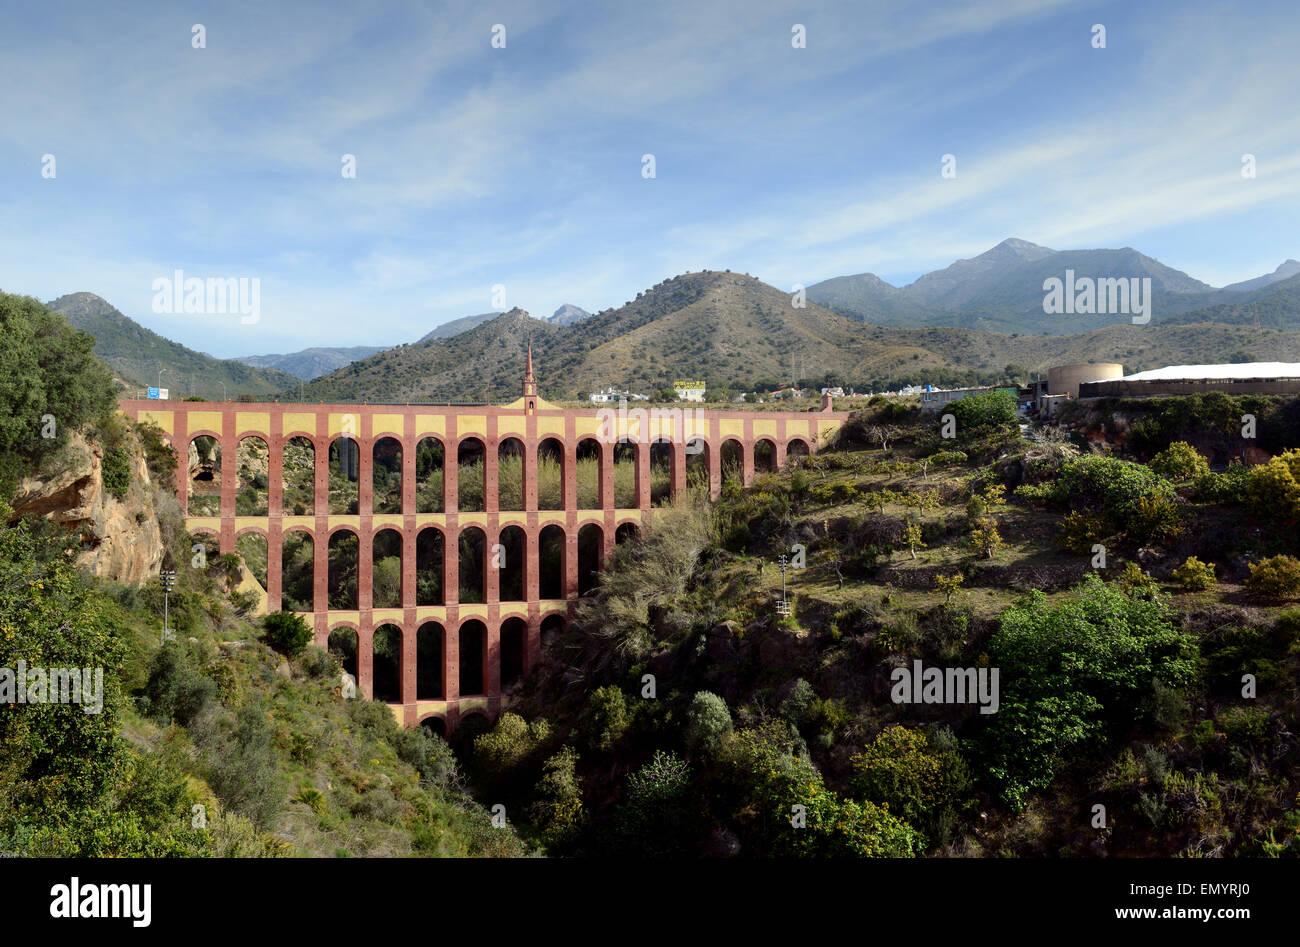 Spanish 19th century aqueduct The Acueducto del Aguila (Eagle aqueduct) at Nerja, Spain. This aqueduct was built - Stock Image